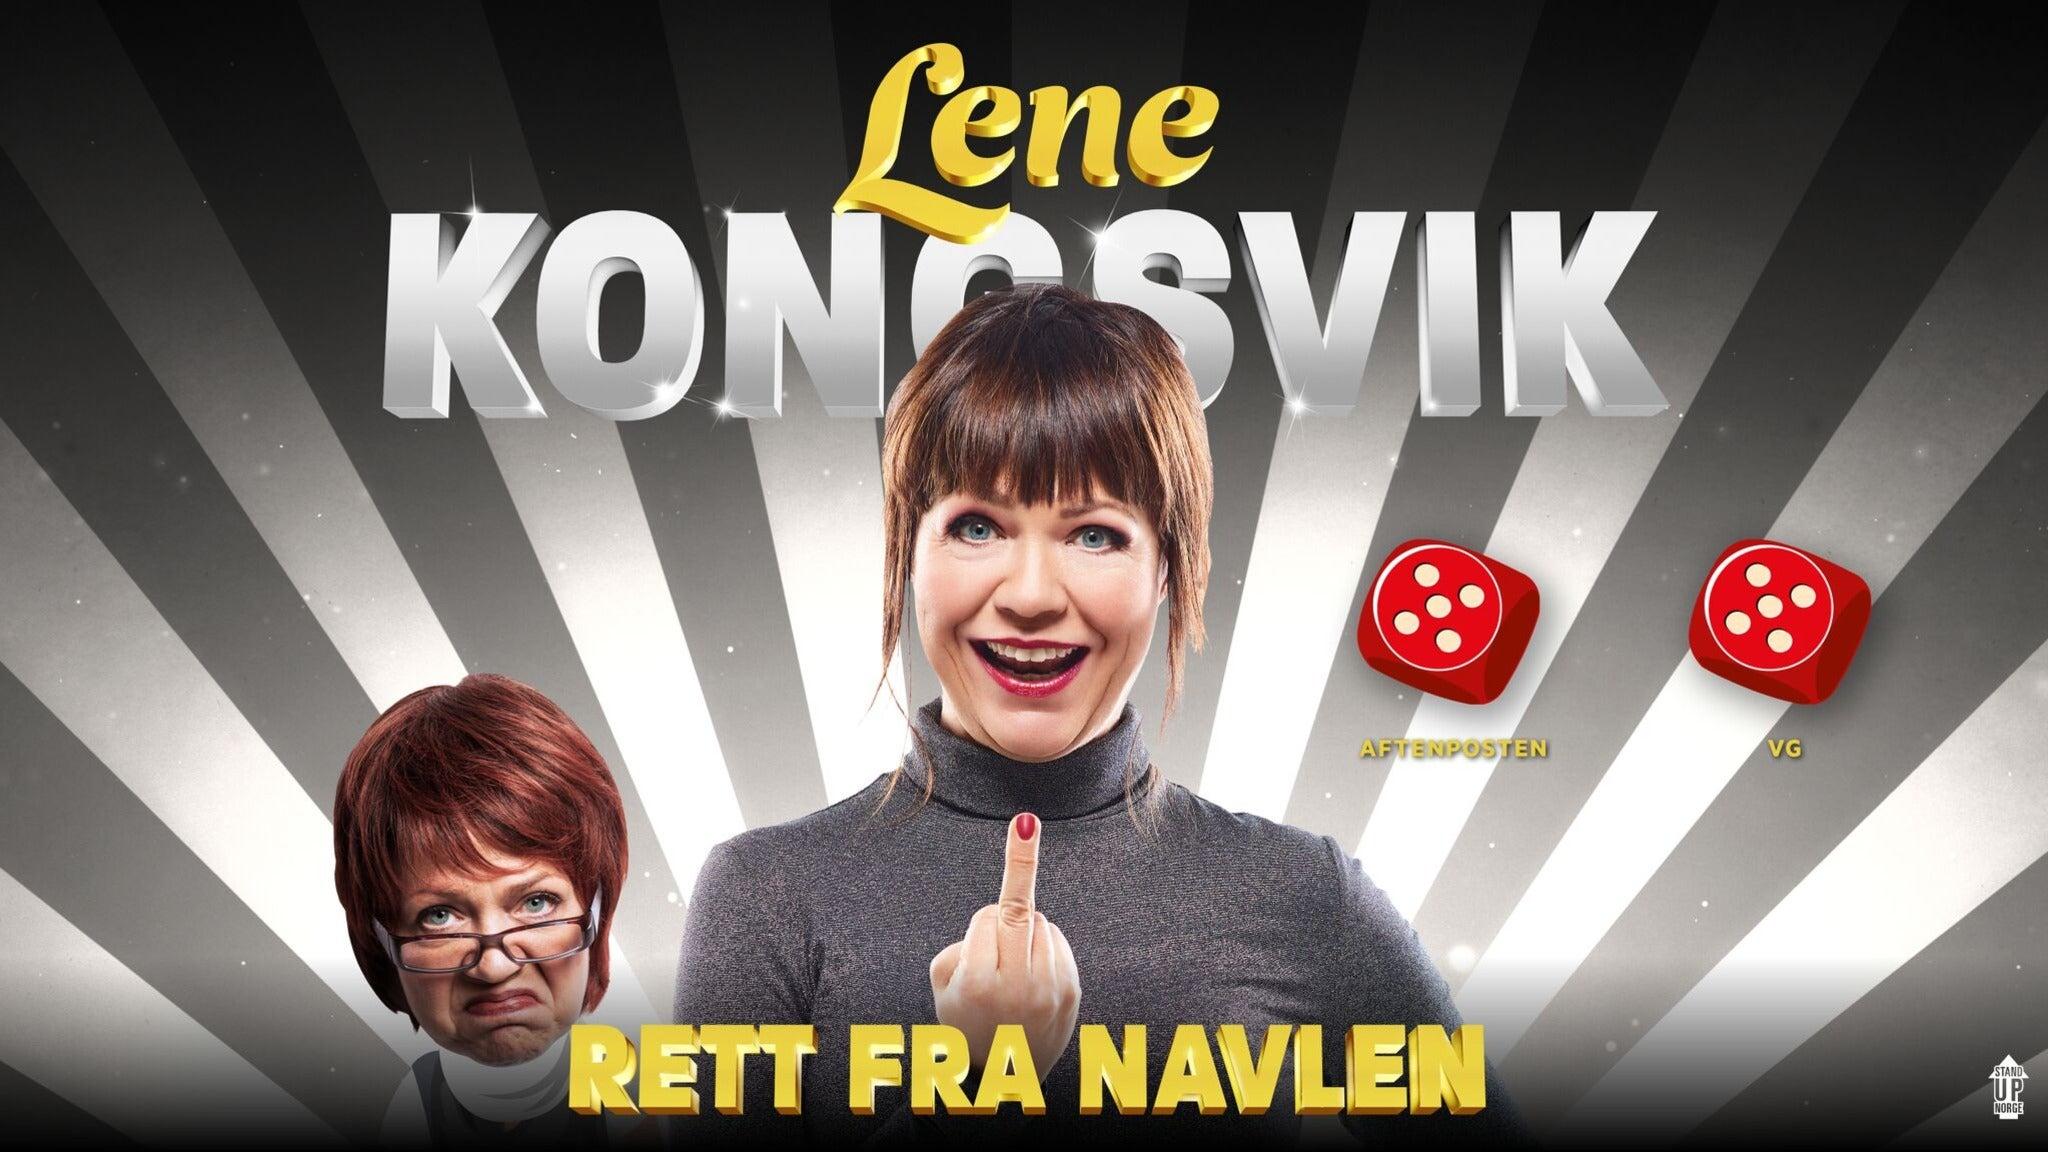 Lene Kongsvik